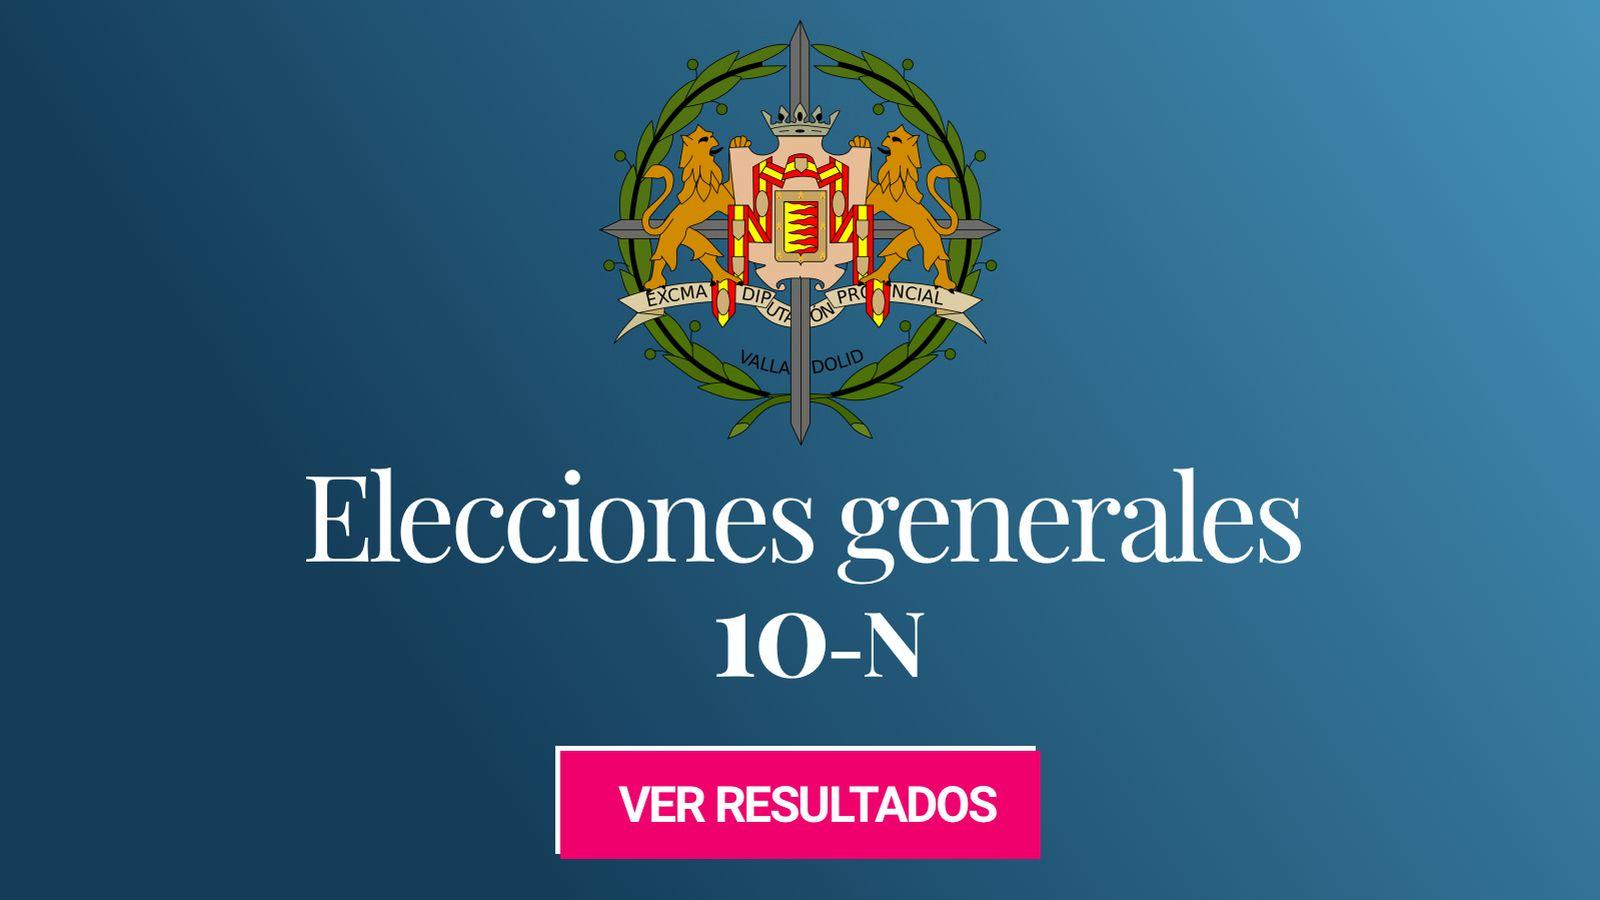 Foto: Elecciones generales 2019 en la provincia de Valladolid. (C.C./Chabacano)